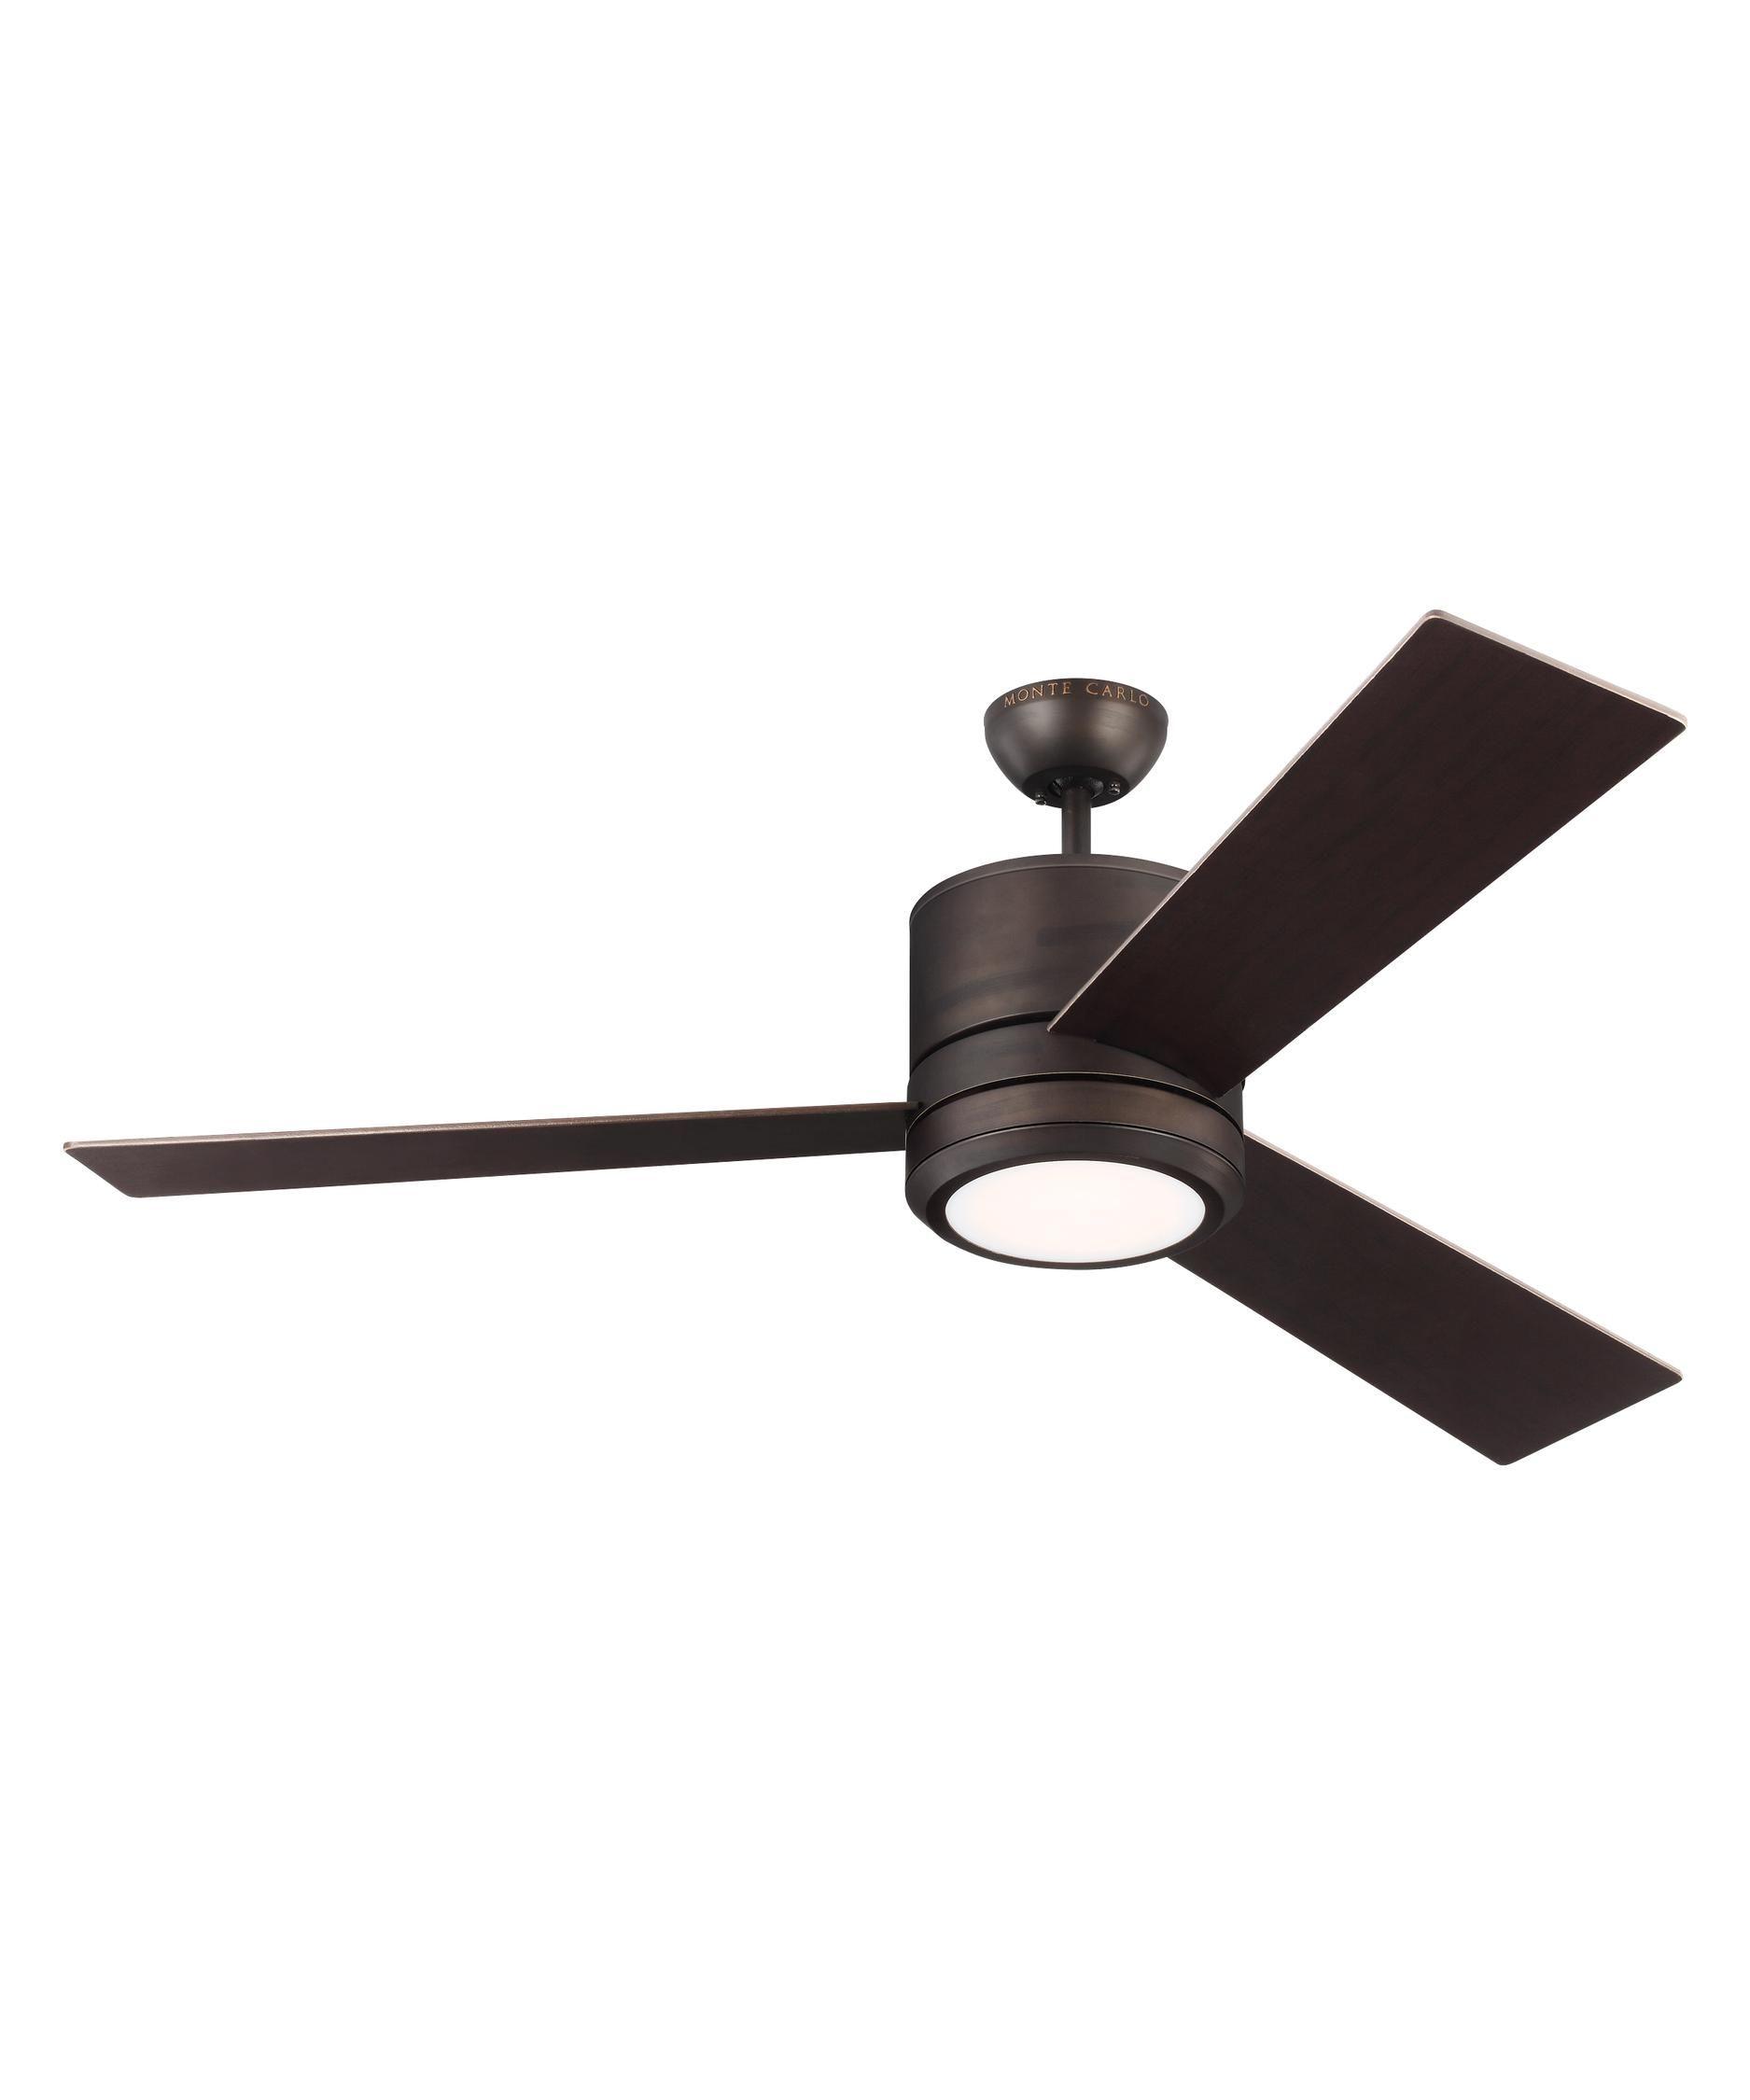 Monte Carlo 3vnmr56 Vision Max Energy Smart 56 Inch Ceiling Fan With Light Kit Ceiling Fan With Light Fan Light Ceiling Fan